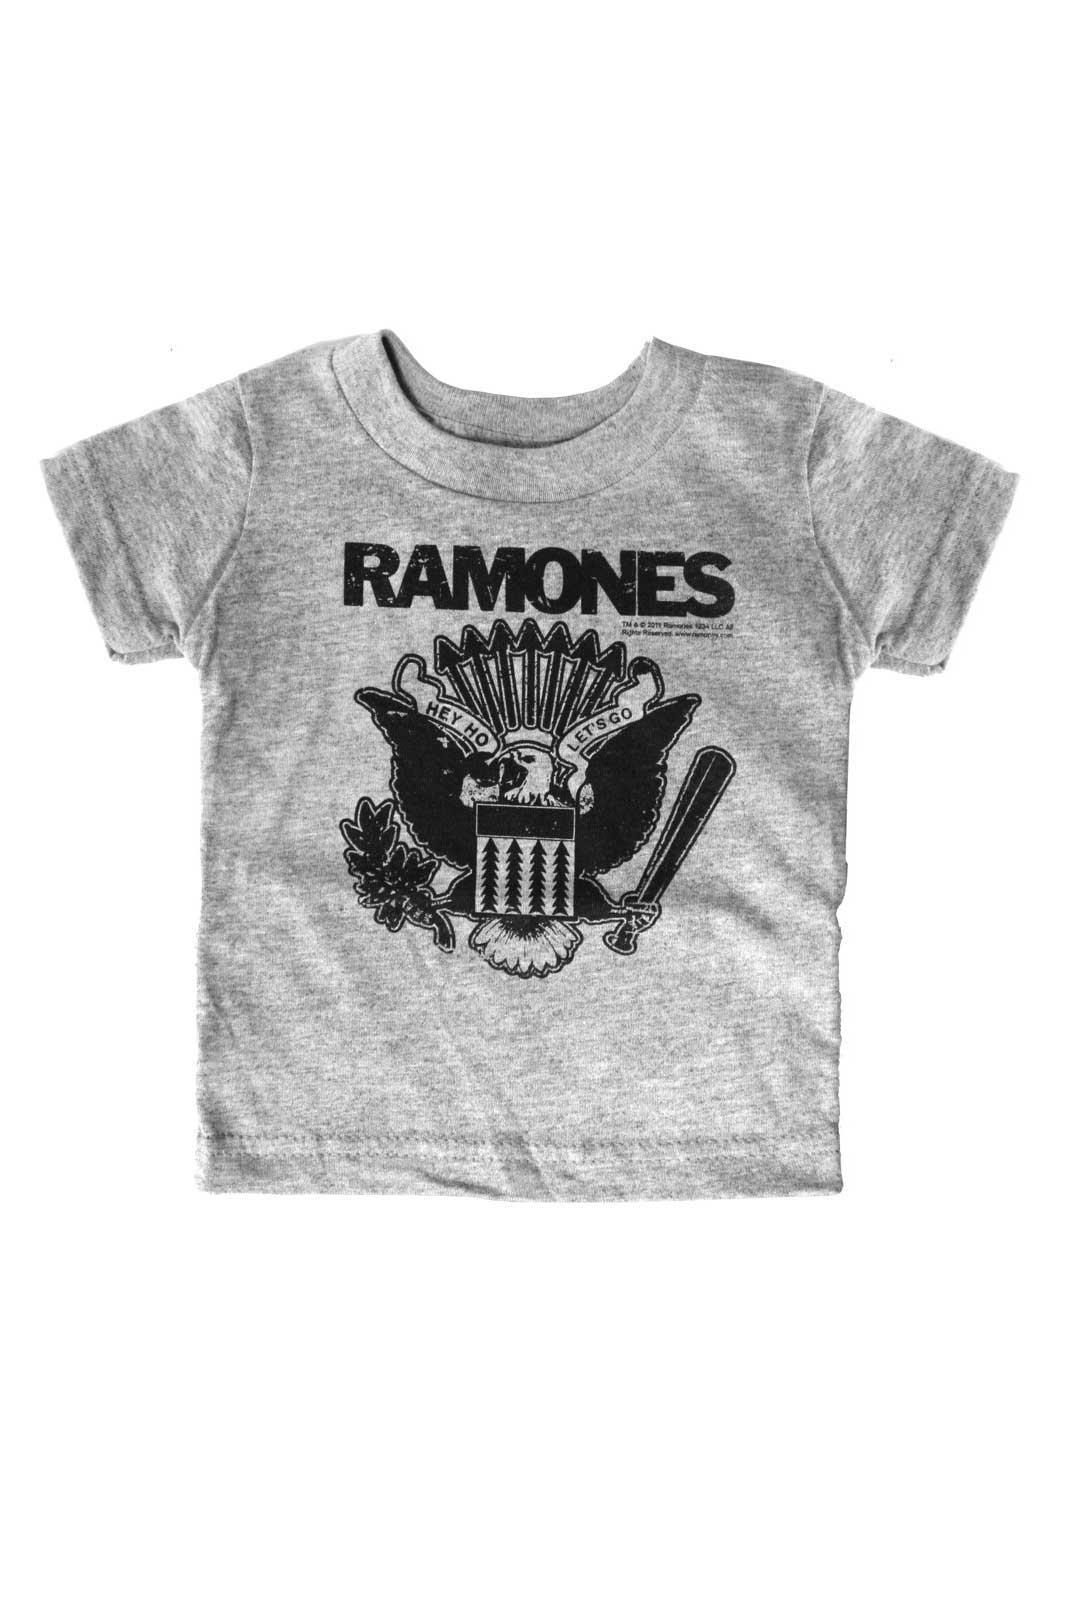 Ramones Hey Ho Kids Tee